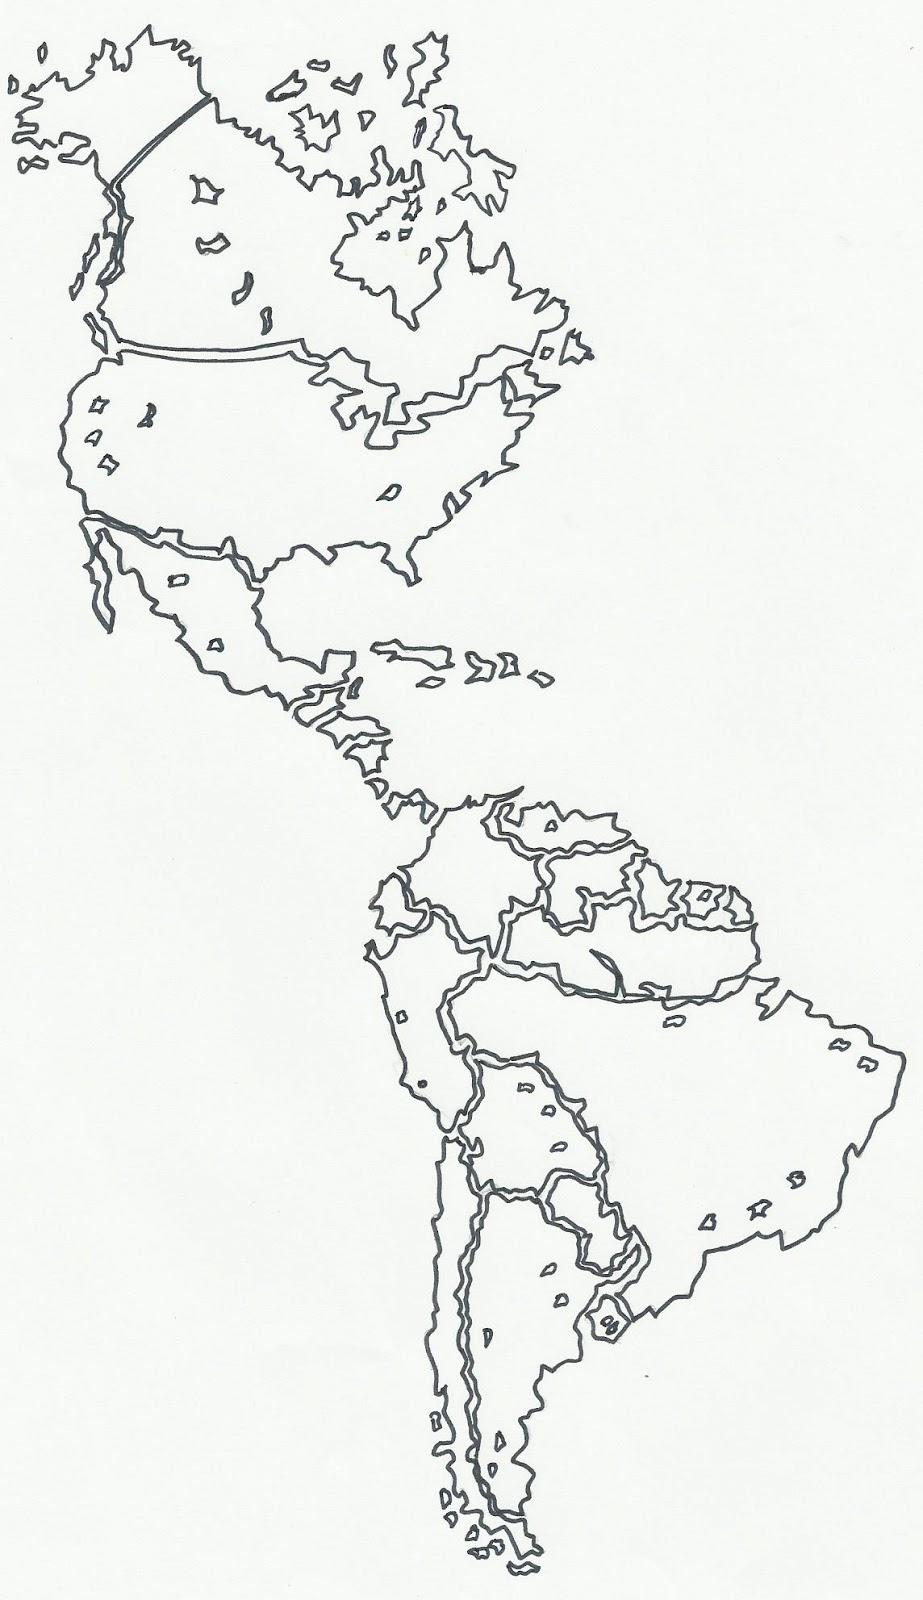 GEOGRAFIA DEL PERU Y EL MUNDO-DIBUJOS-IMAGENES: DIBUJO-MAPA DEL ...